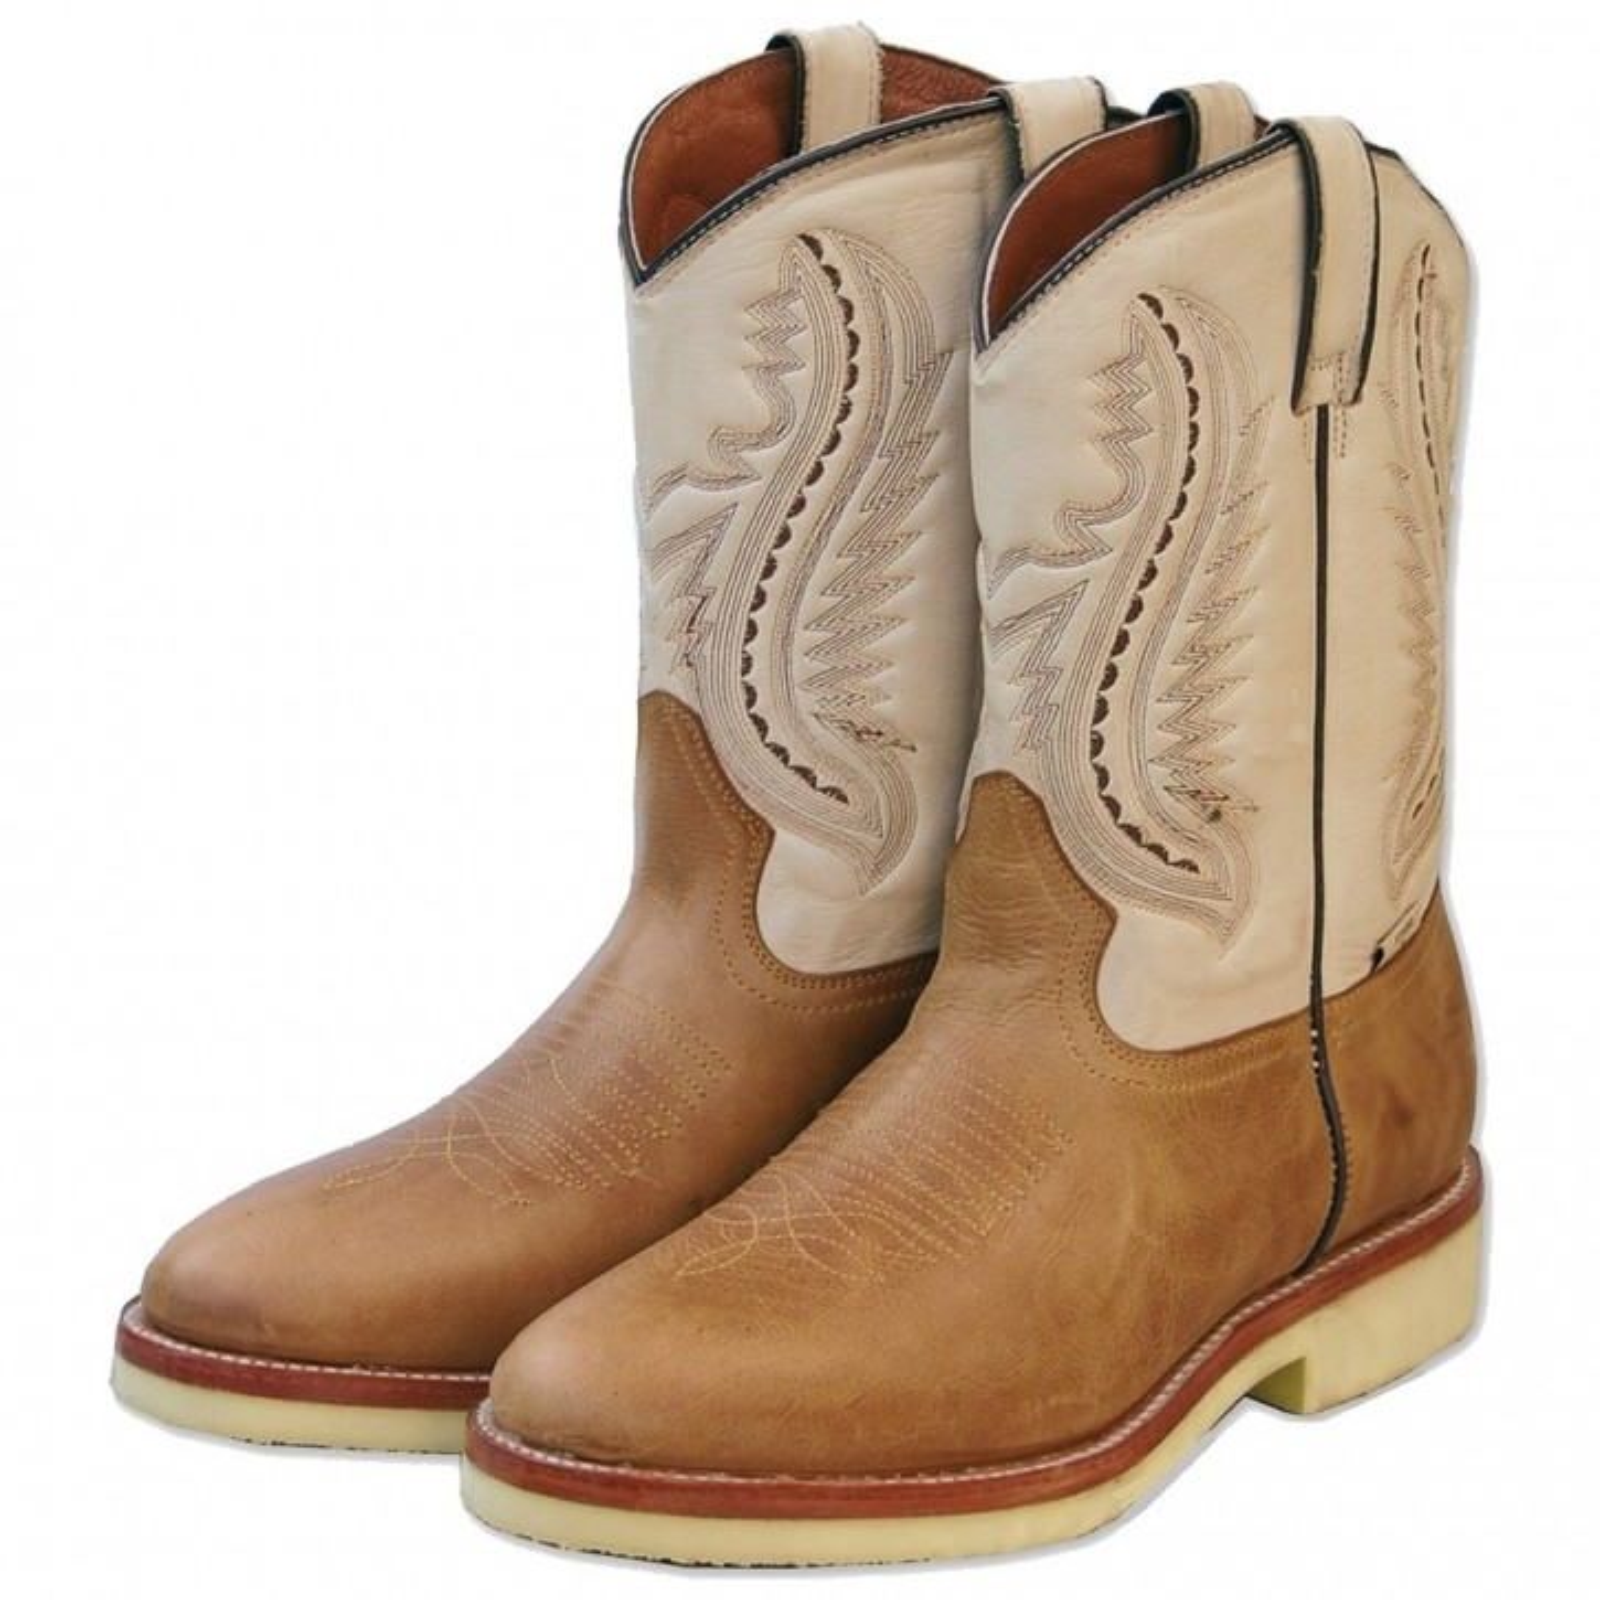 Stars & Stripes Herren Damen Stiefel Western Boots »WB-16« Braun / Beige